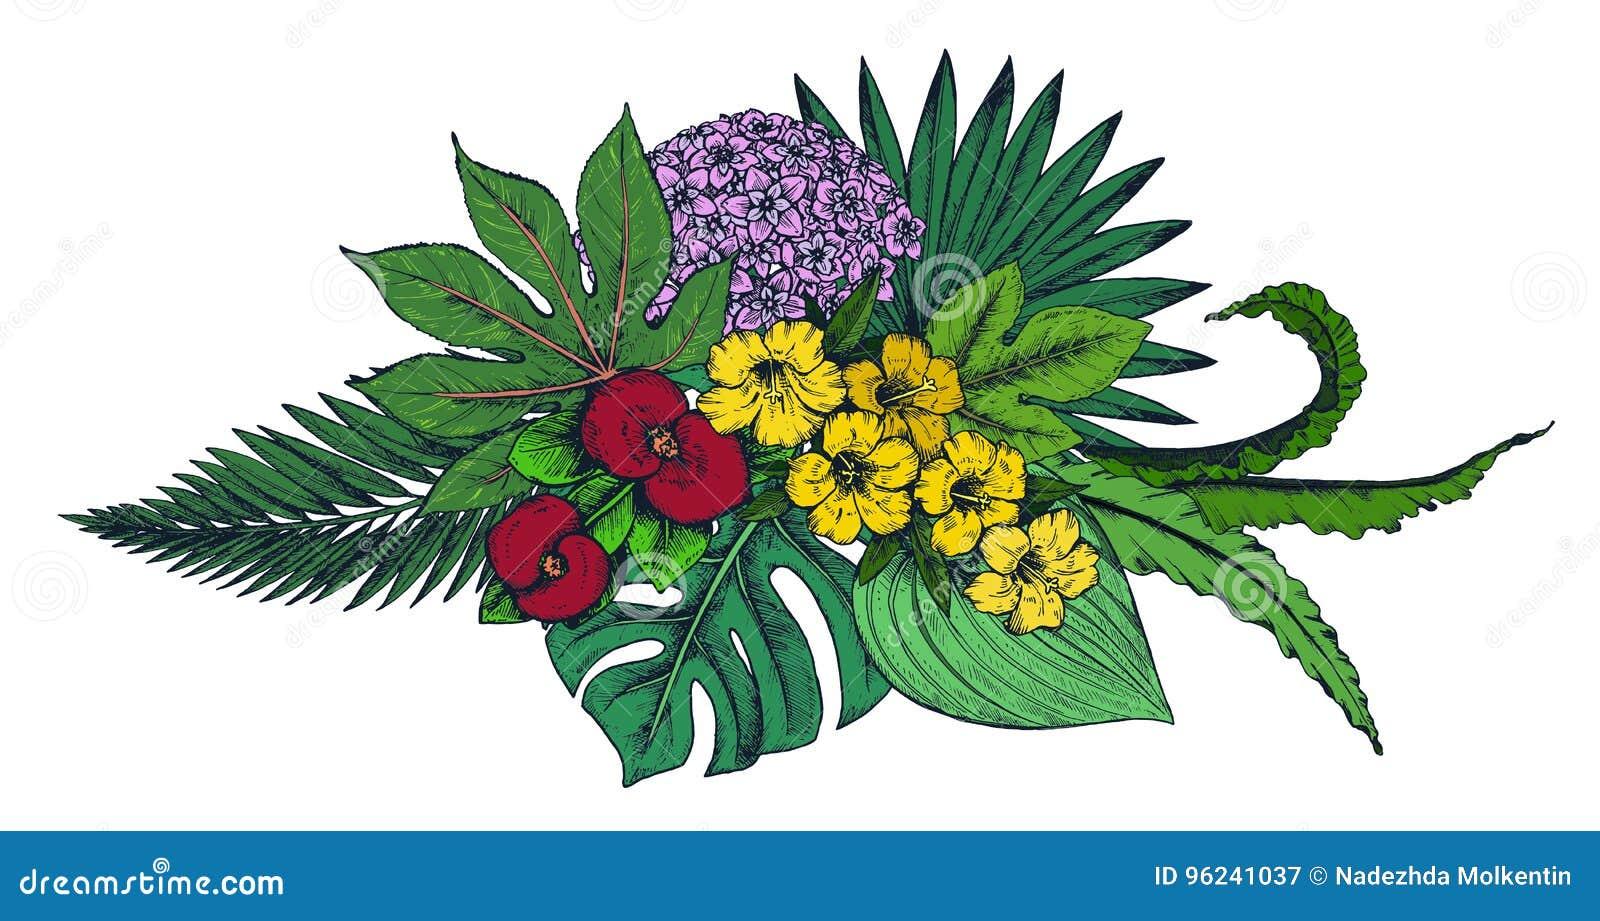 Mazzo Di Fiori Vector.Vector La Composizione Dei Fiori Tropicali Disegnati A Mano Le